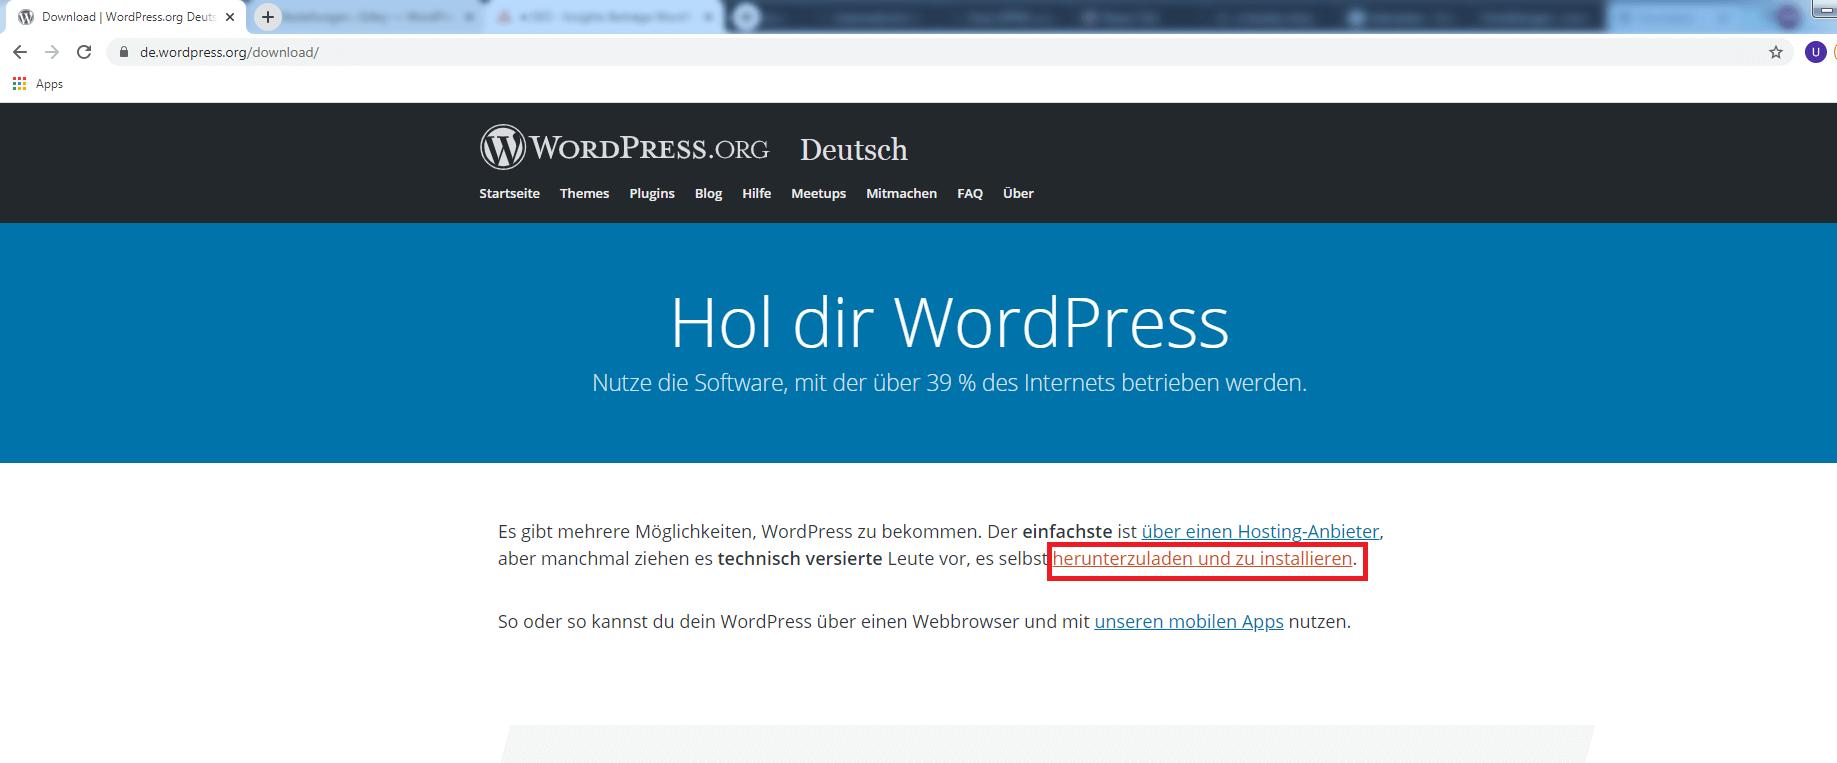 WordPress herunterladen und installieren